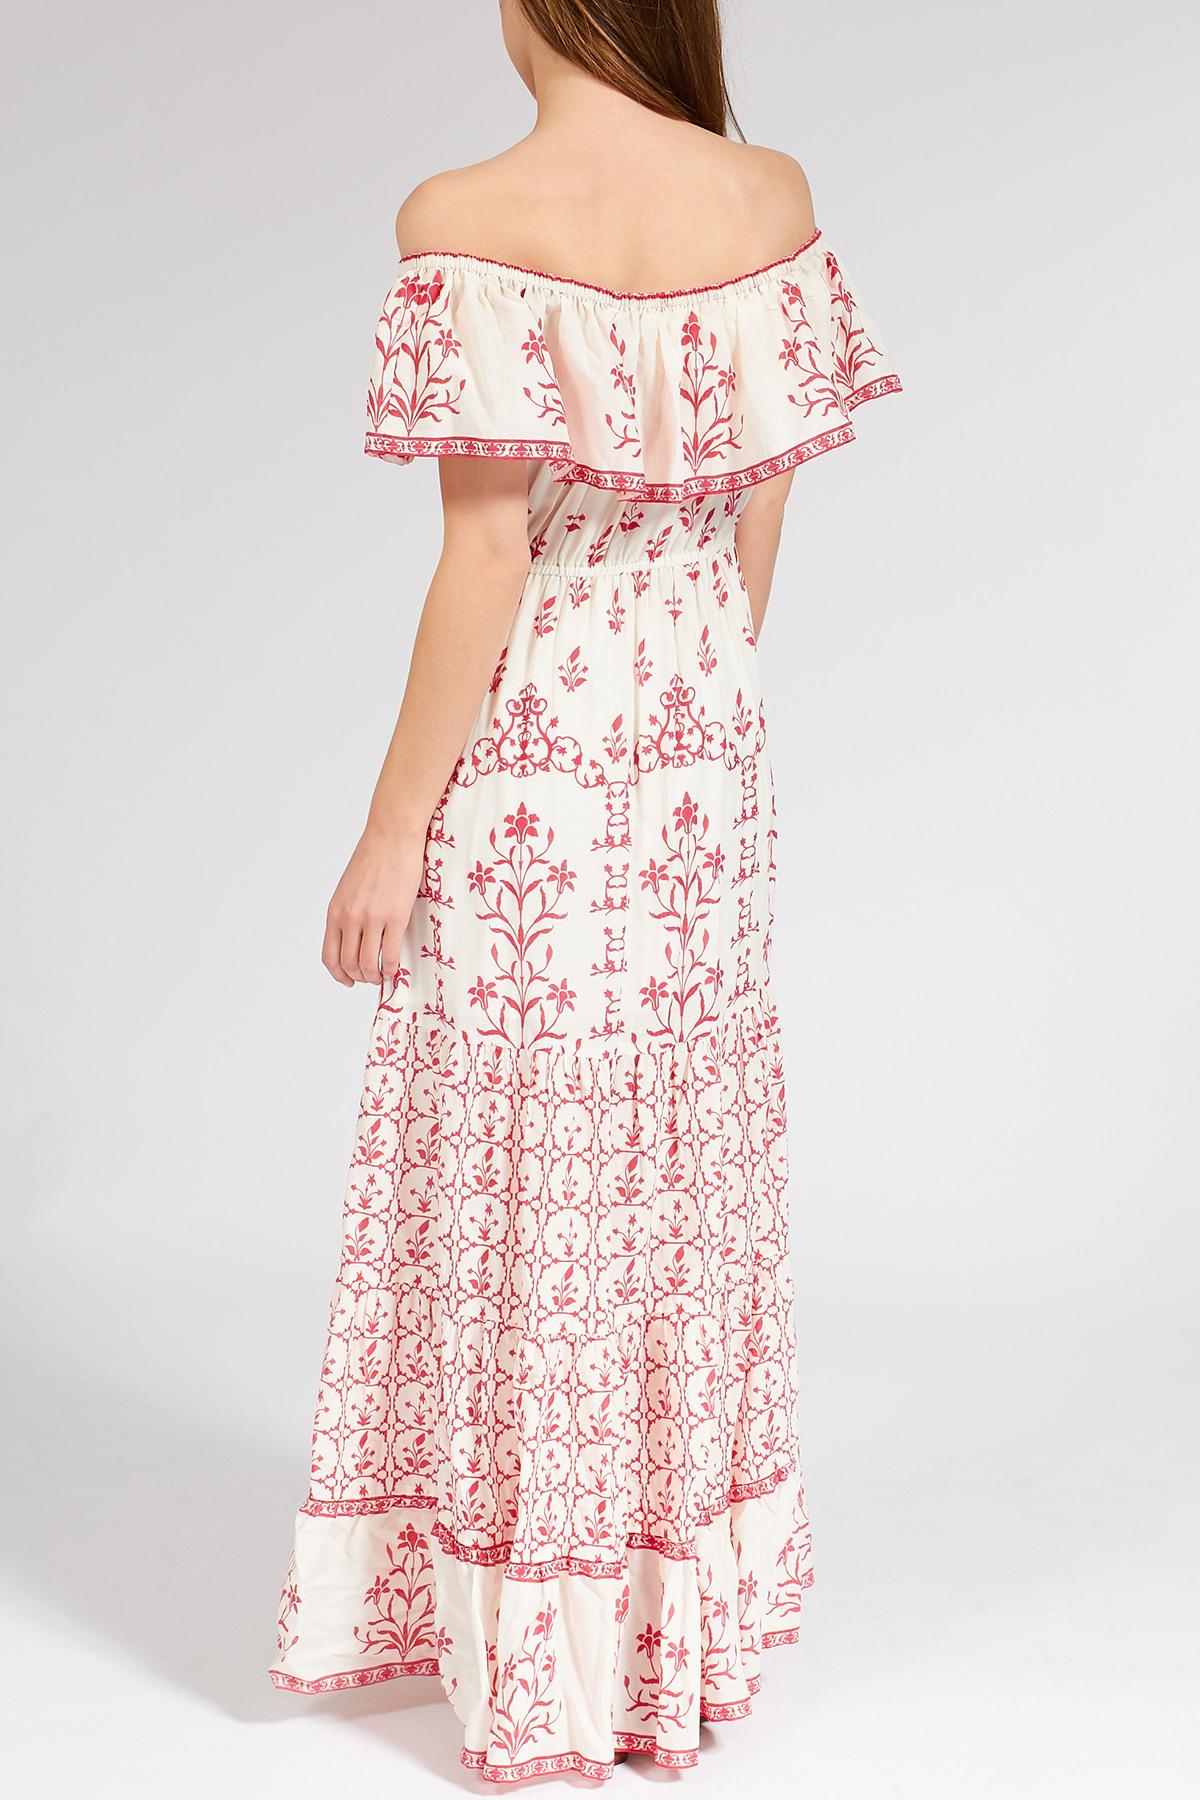 17 Einfach Abendkleid Carmen Ausschnitt Lang Stylish17 Top Abendkleid Carmen Ausschnitt Lang Vertrieb